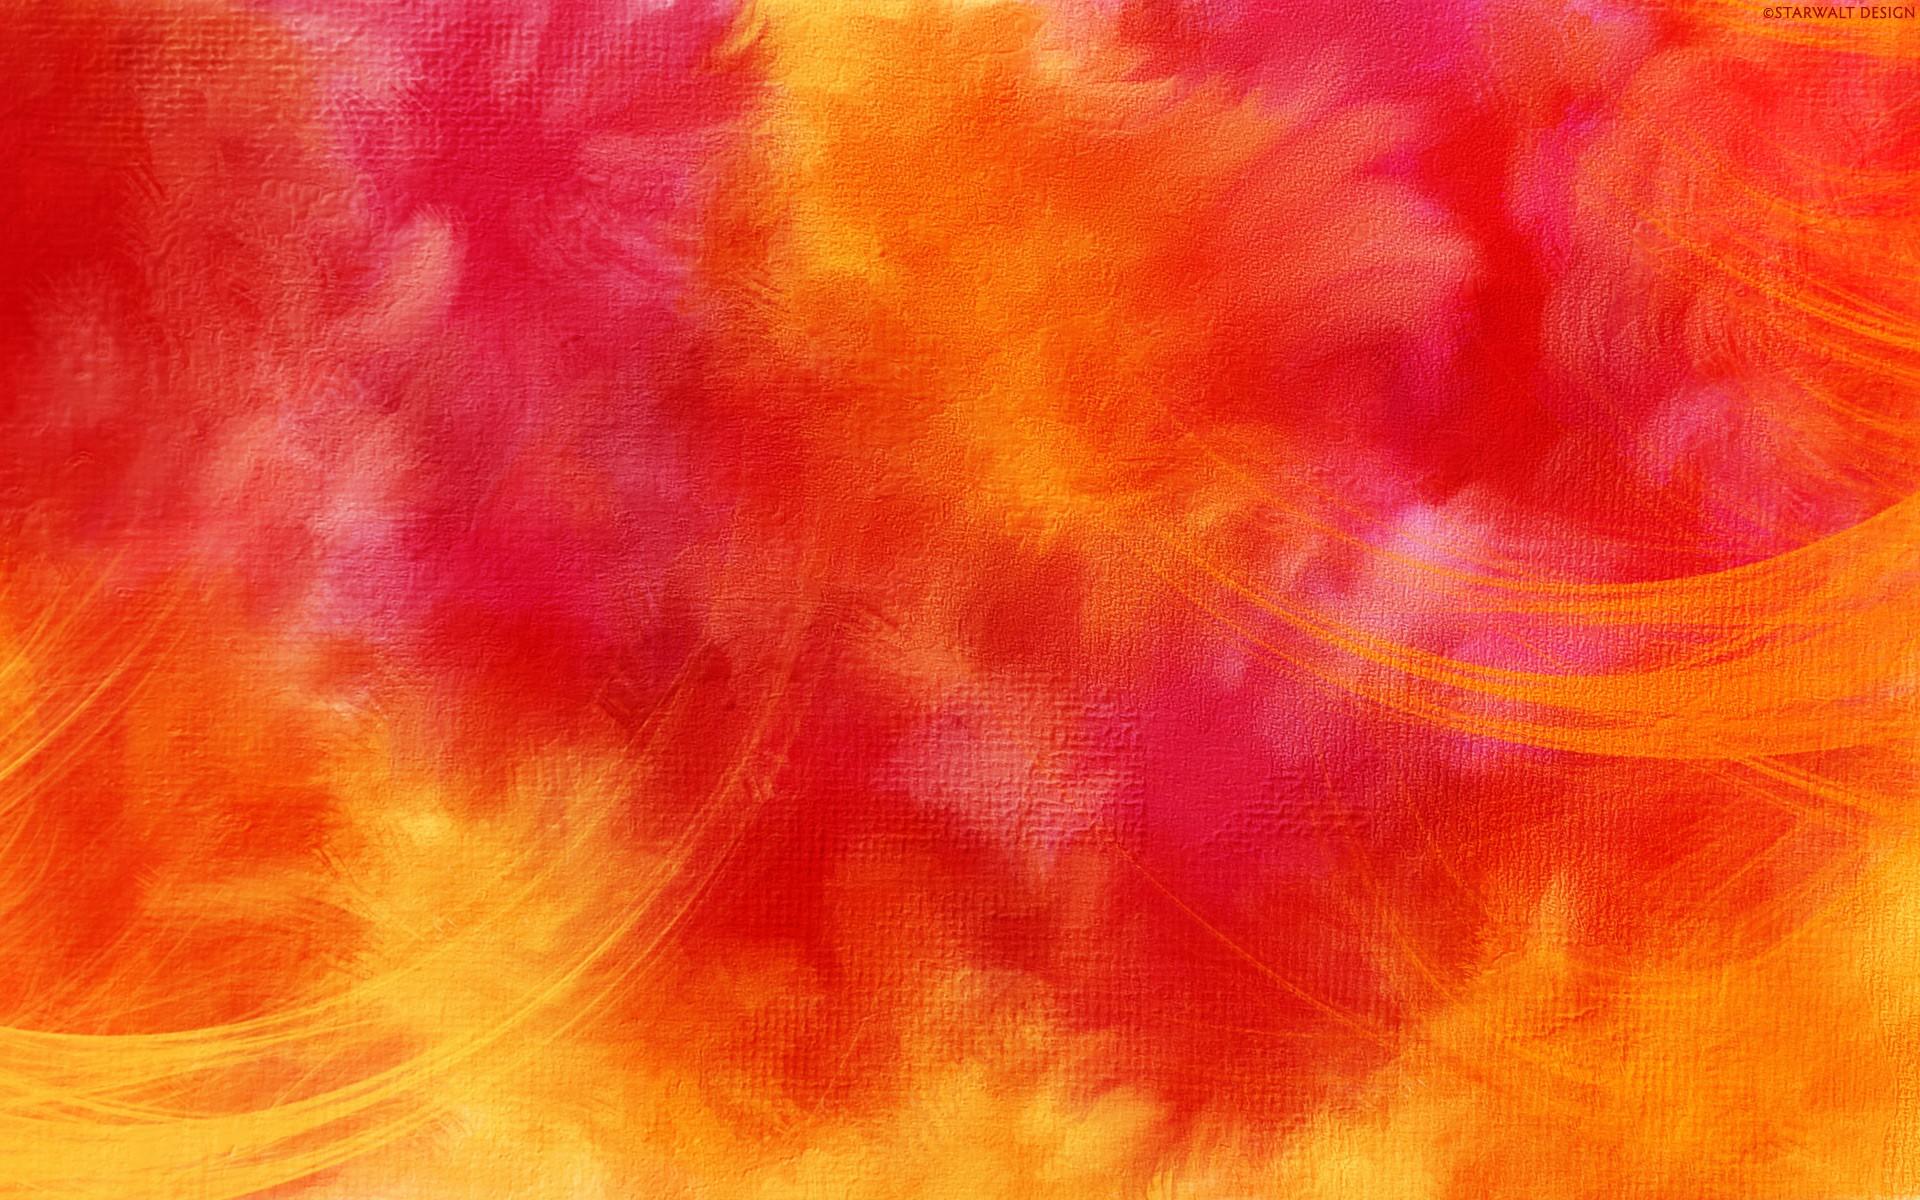 Fondo rojo y naranja - 1920x1200